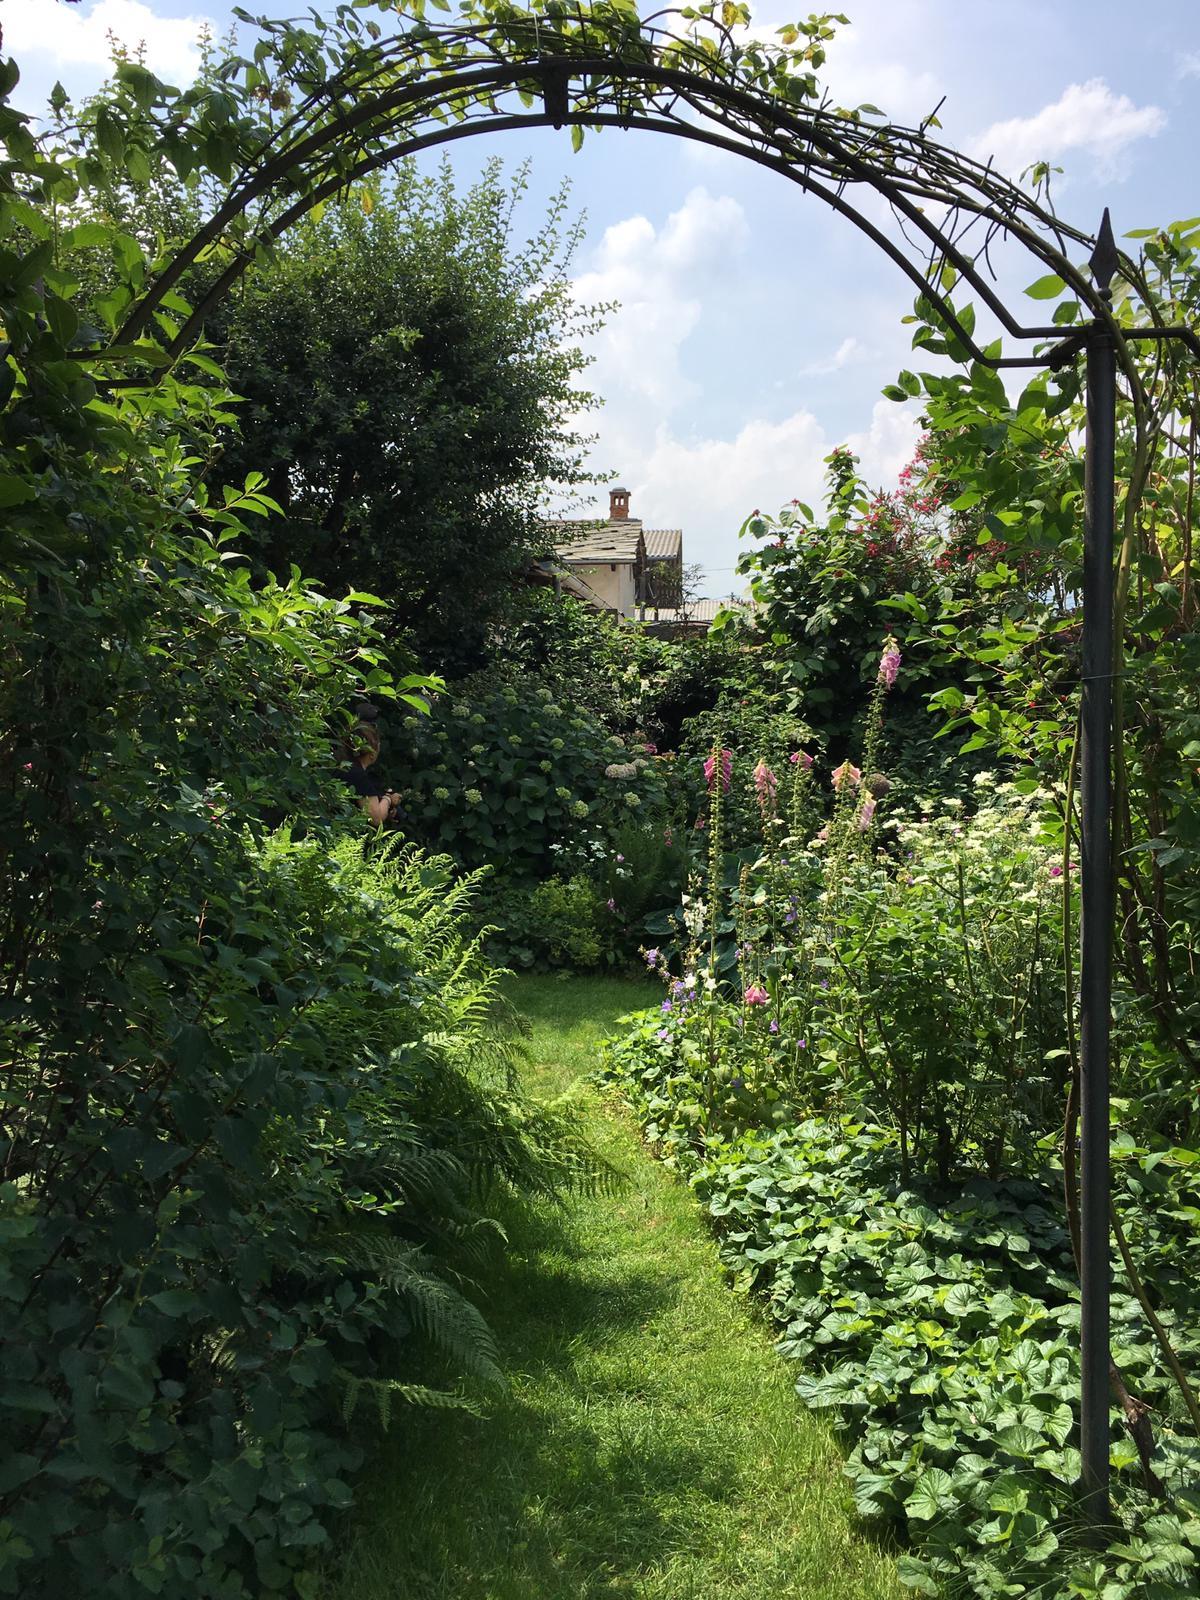 Il giardino di Rosanna Castrini a Bricherasio (TO)